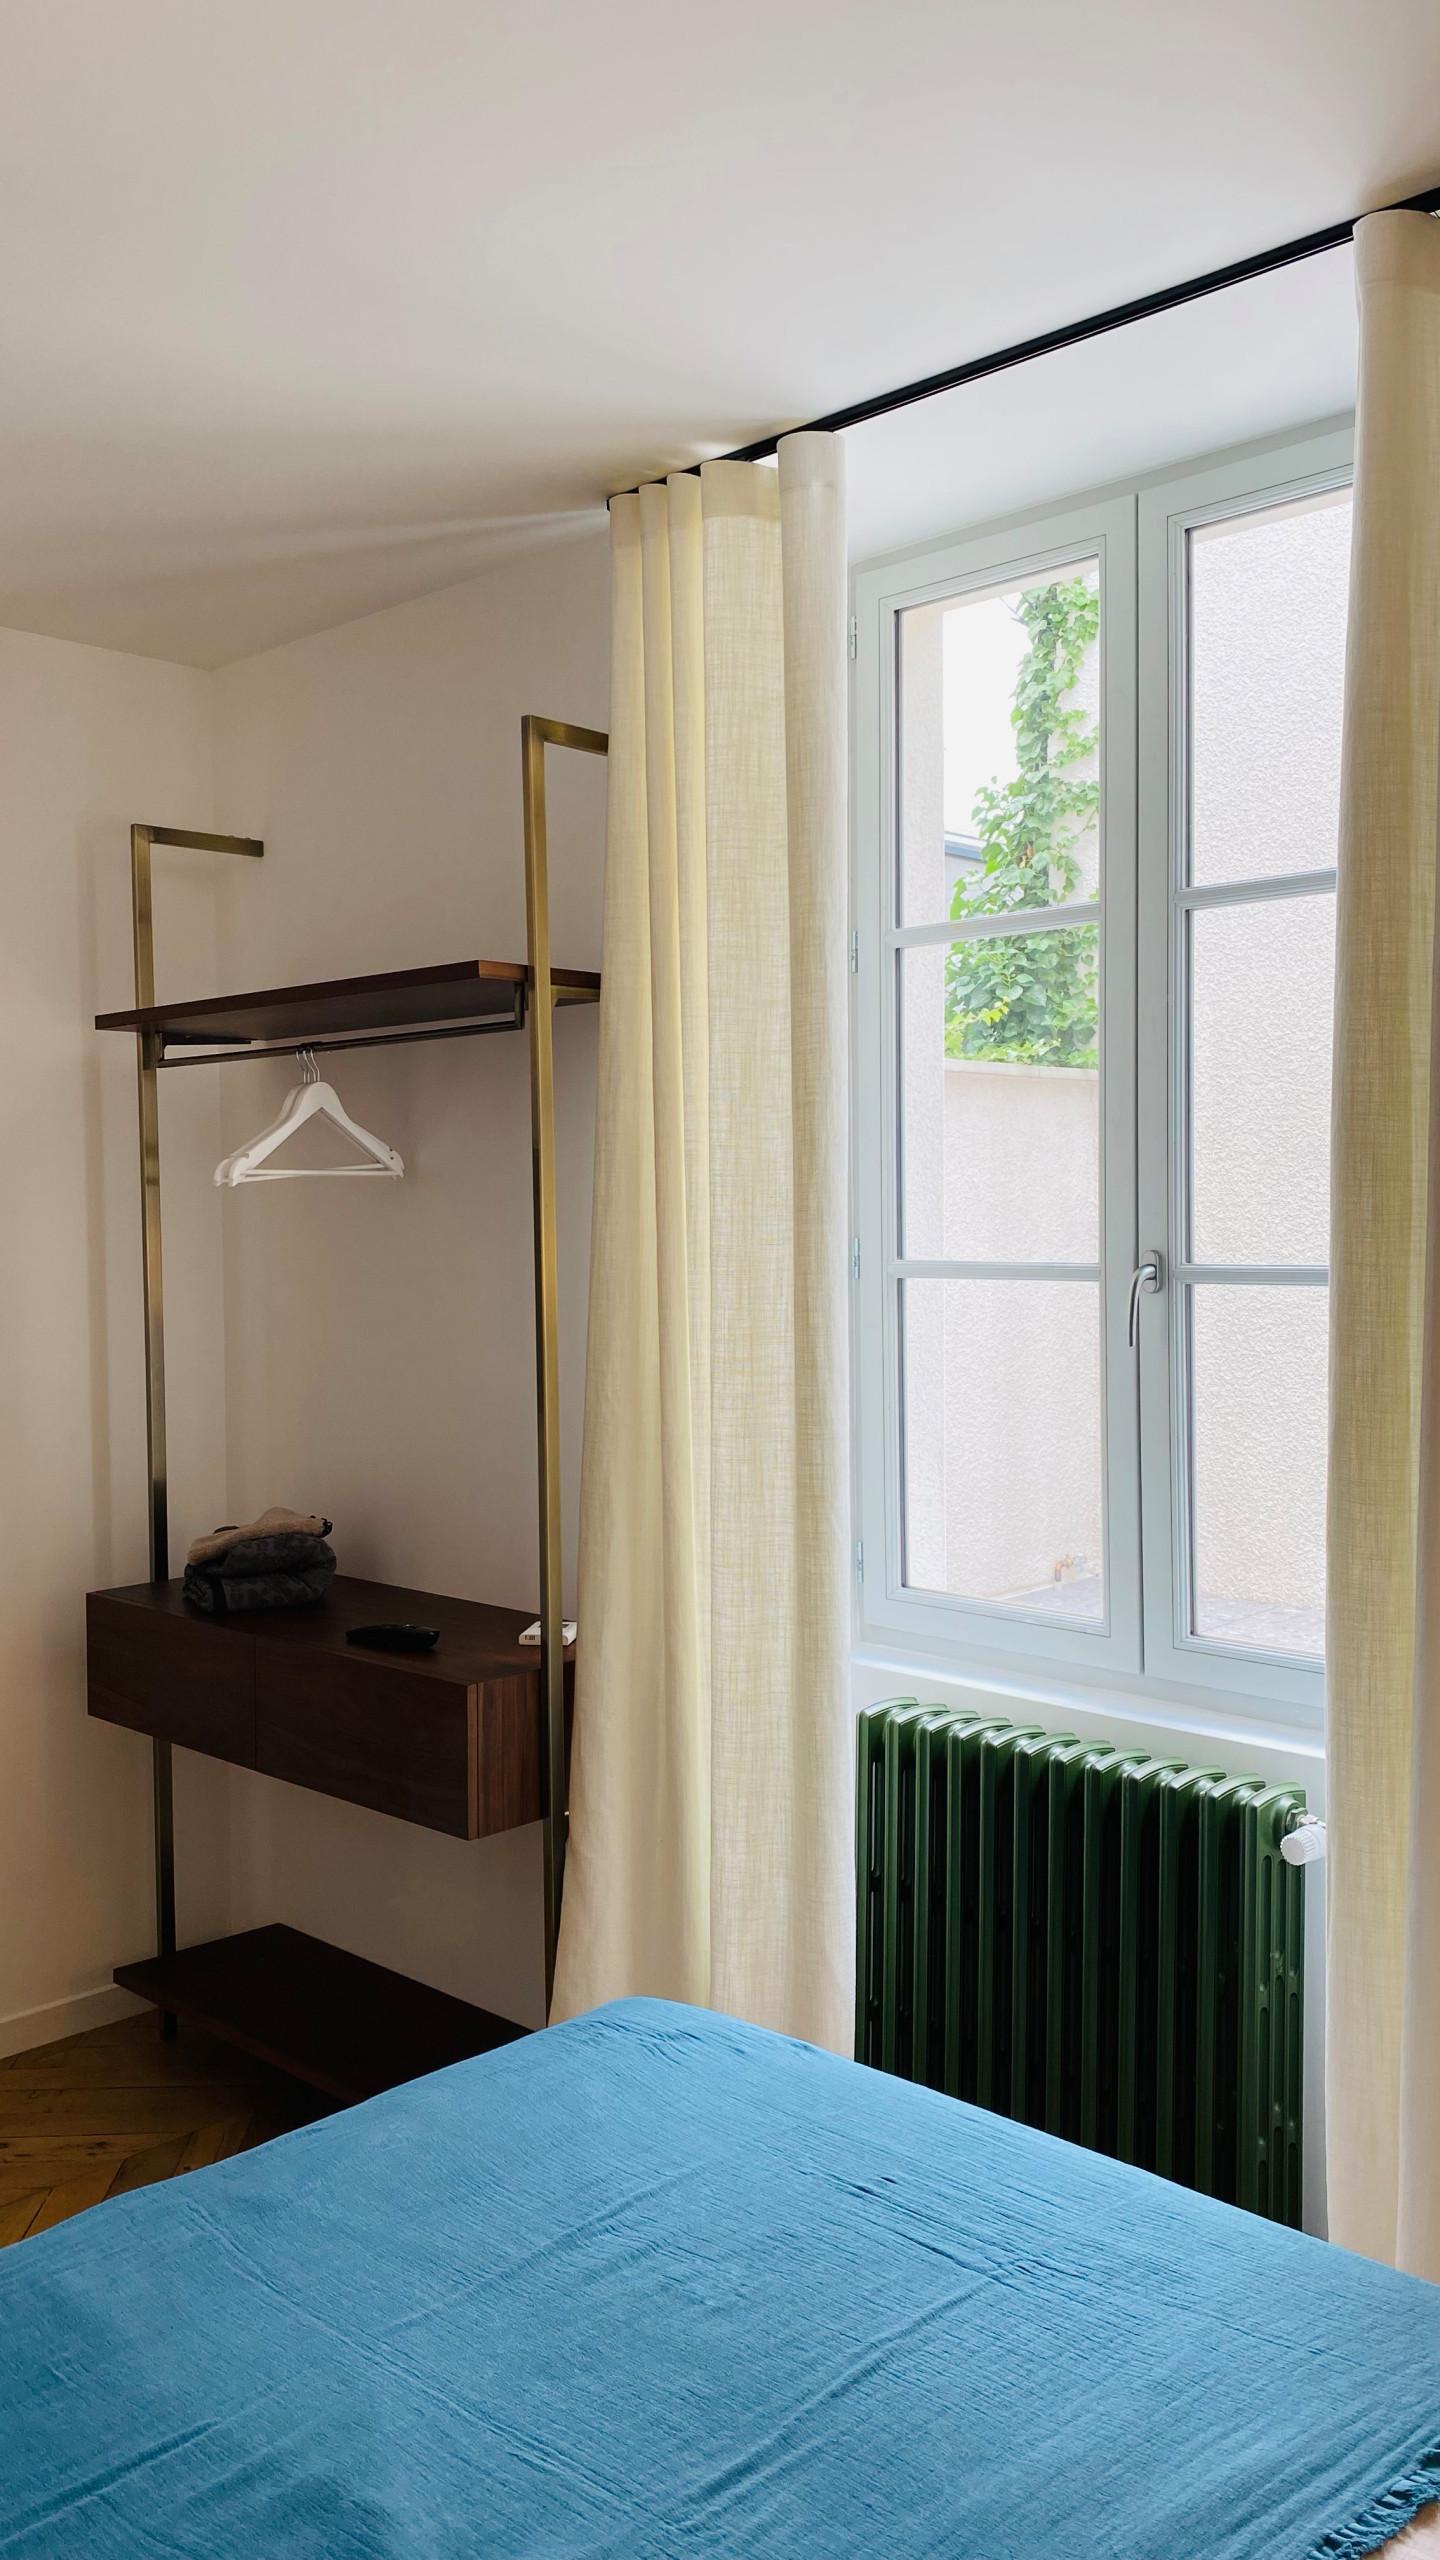 Rénovation totale d'un appartement standing